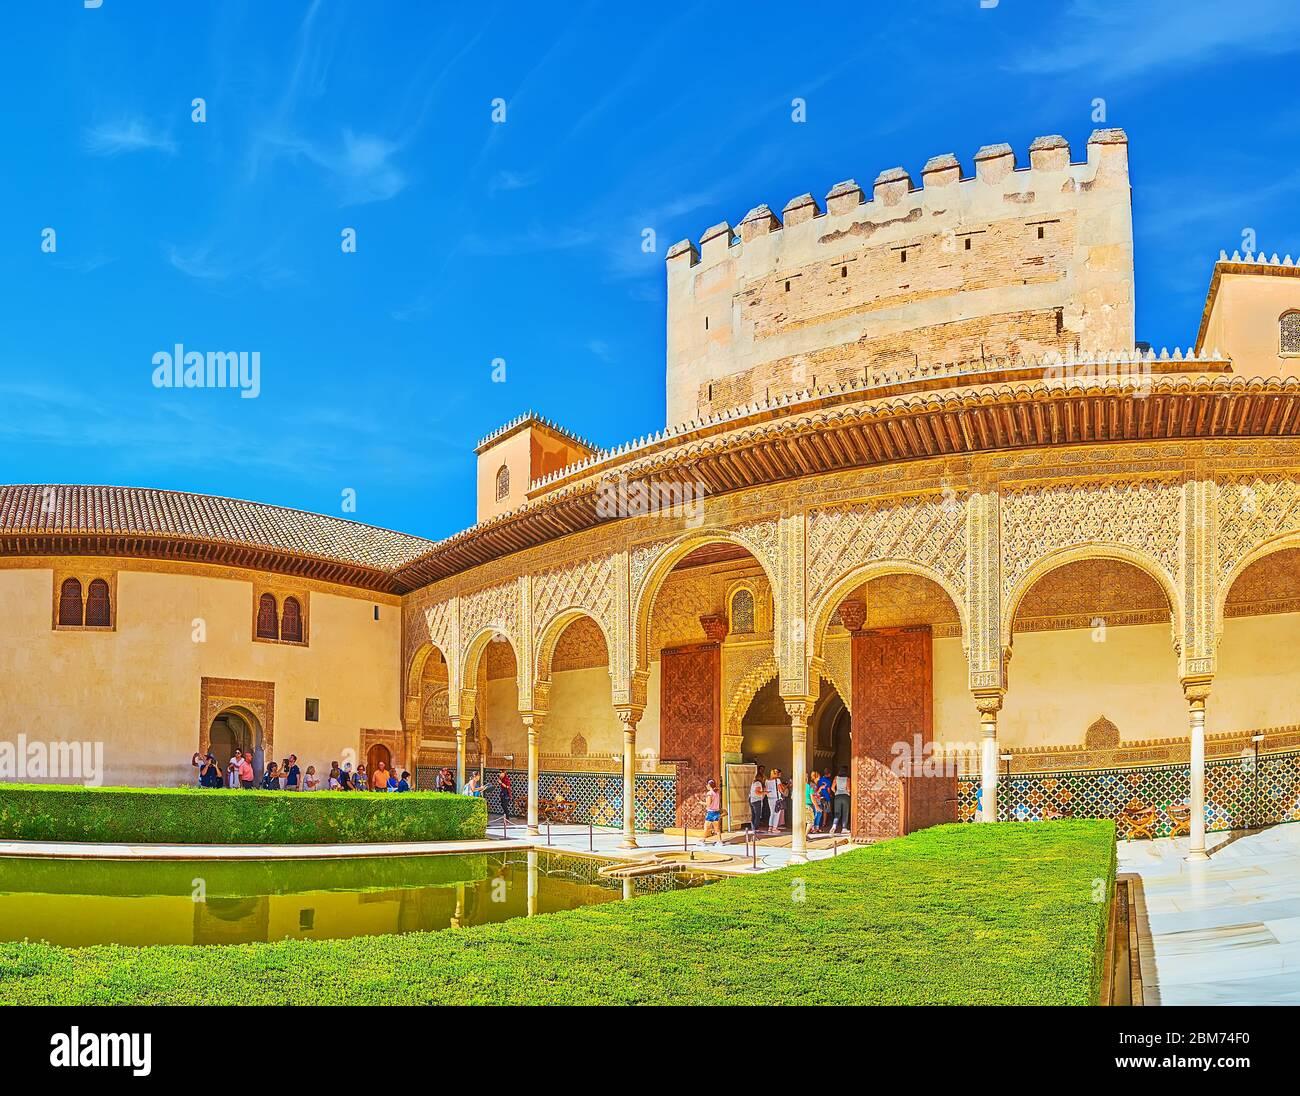 GRENADE, ESPAGNE - 25 SEPTEMBRE 2019 : Cour historique des Myrtles (palais Nasrid, Alhambra) avec buissons de myrtes topiaires, grand étang et arcade de Comares pa Banque D'Images